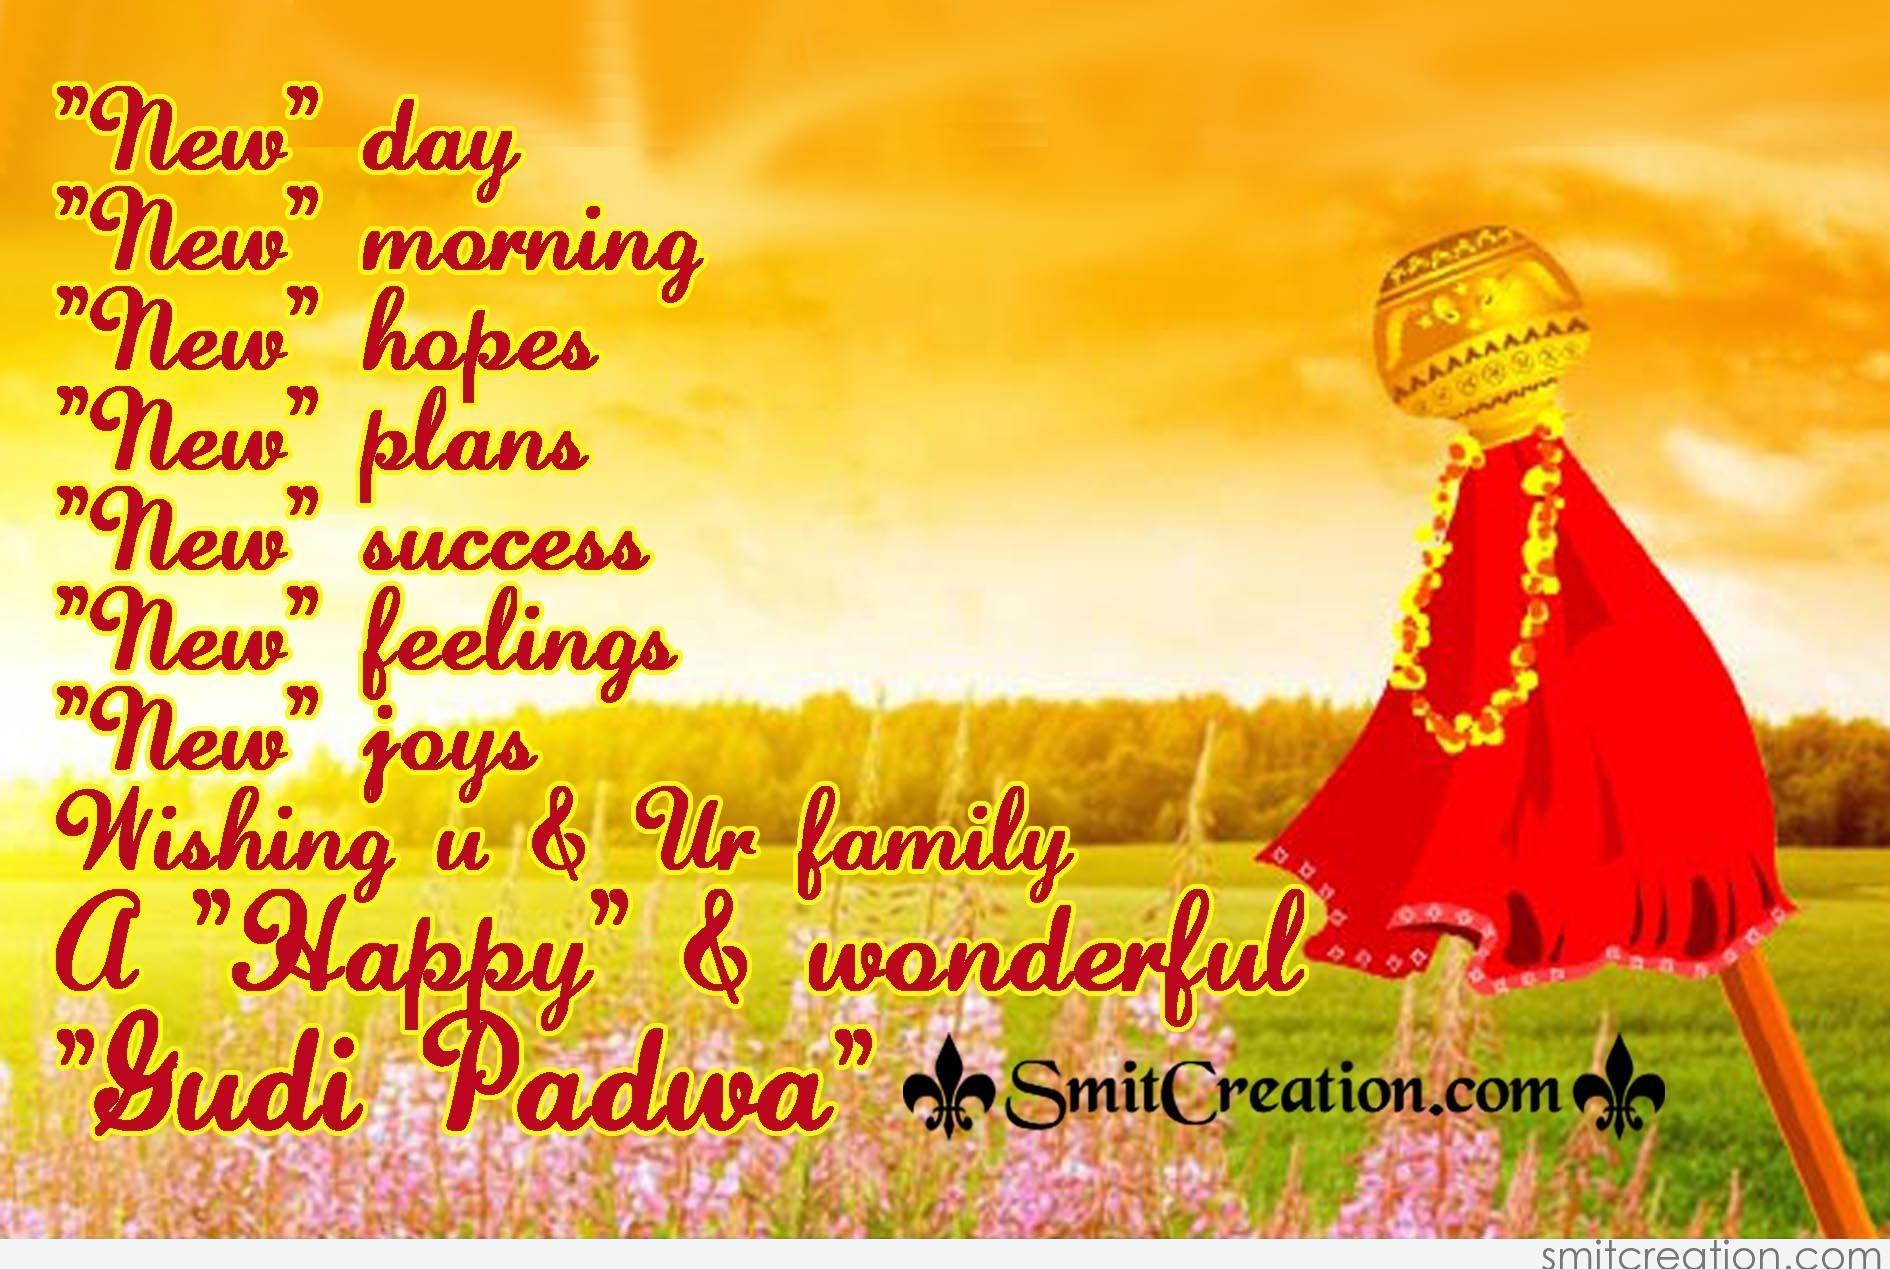 A Happy Wonderful Gudi Padva Smitcreation